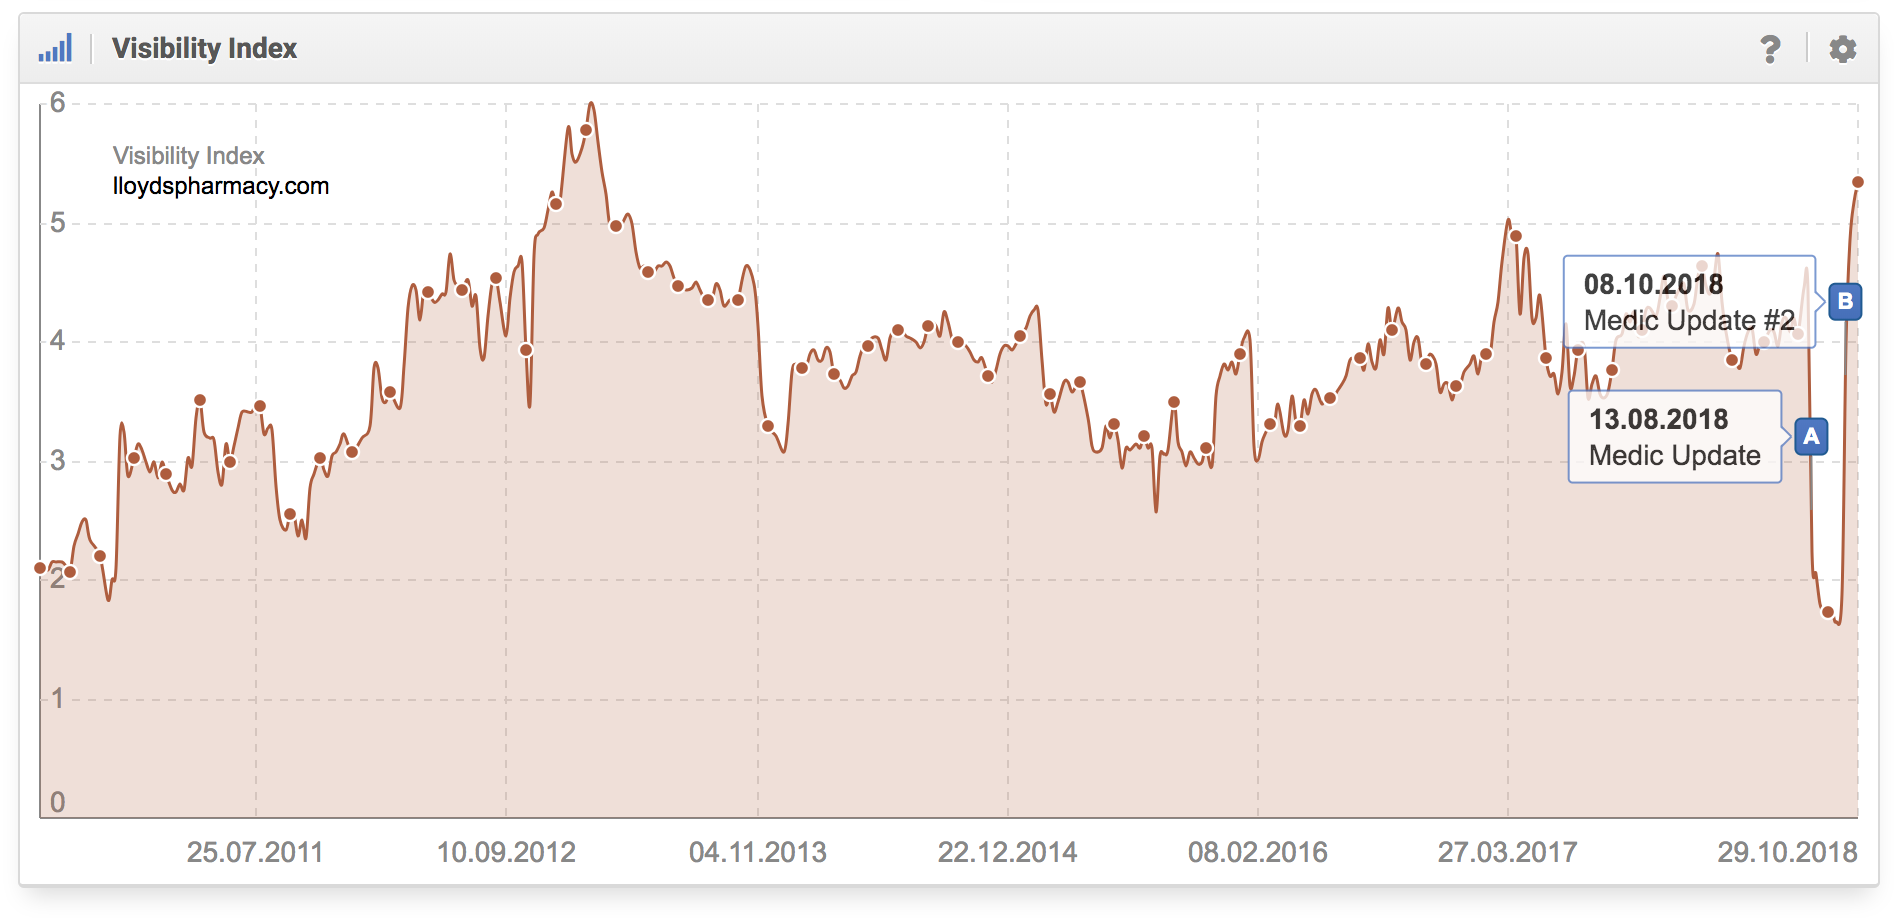 Histórico del índice de visibilidad del dominio lloydspharmacy.com en google.com donde se aprecia que el dominio fue afectado por la Medic Update I y II